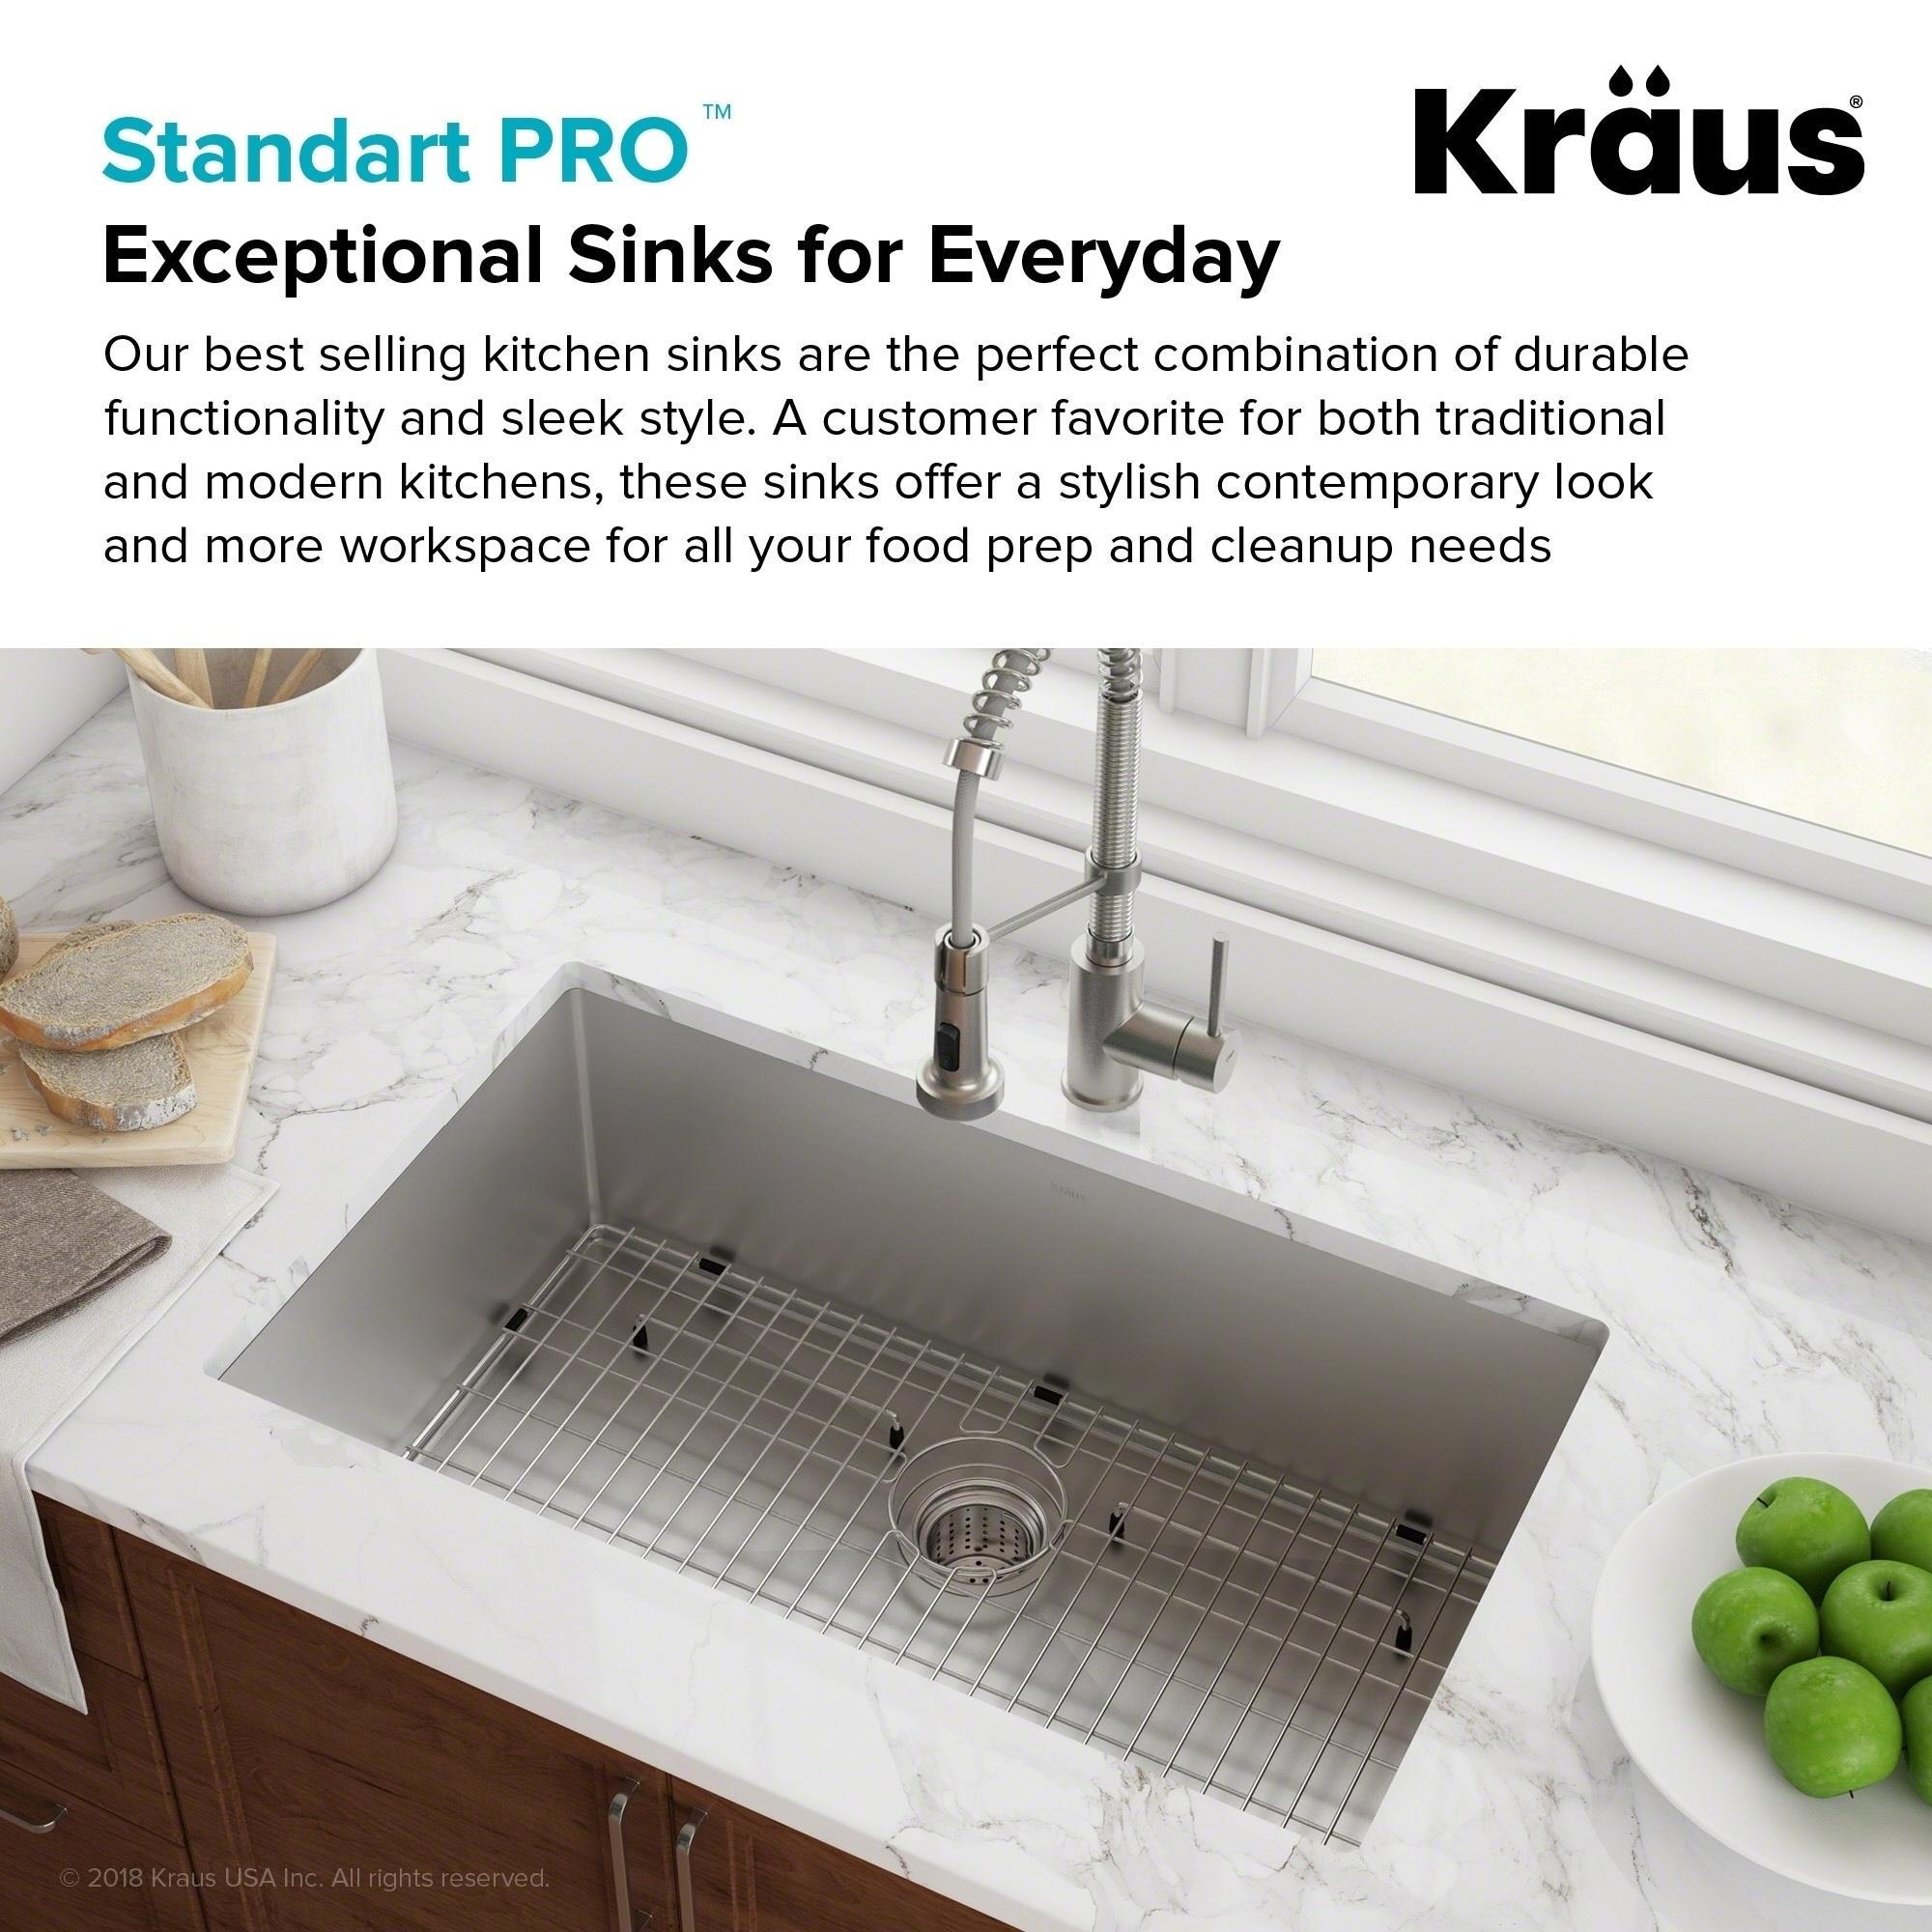 Kraus KHU100-26 Undermount 26 inch 1-Bowl Stainless Steel Kitchen Sink